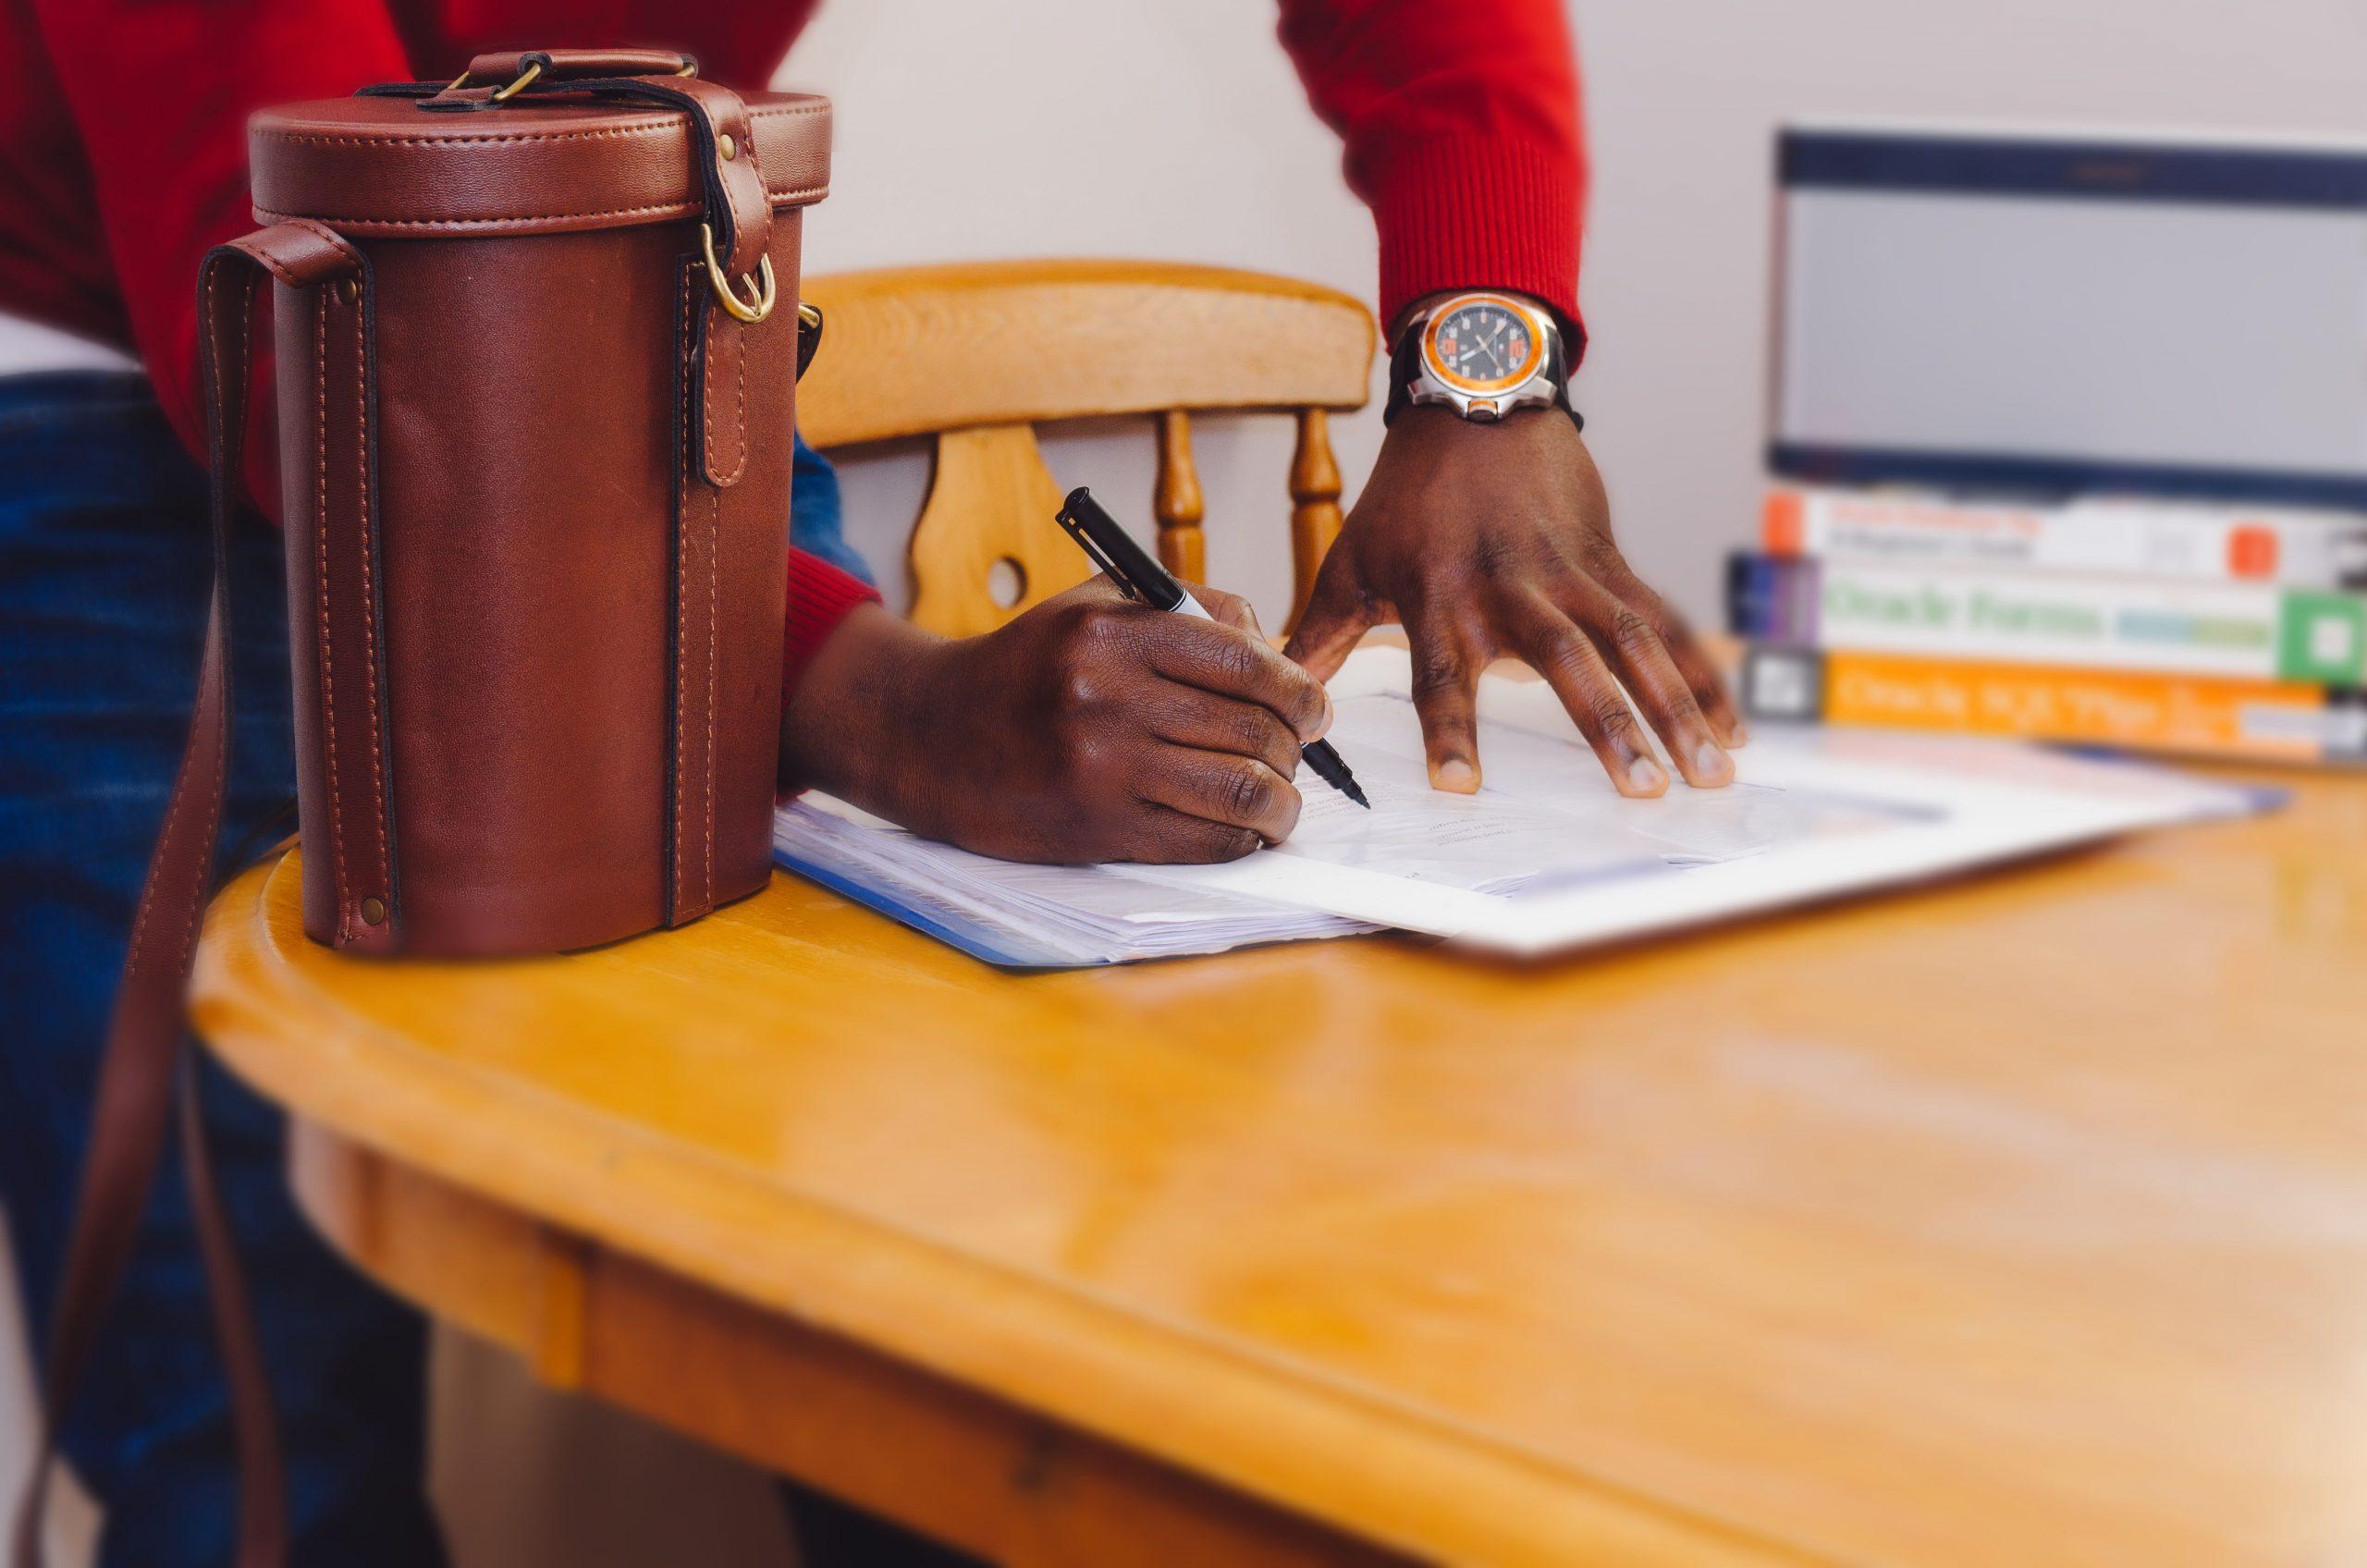 Checkliste: Welcher Mietvertrag für die Wohngemeinschaft